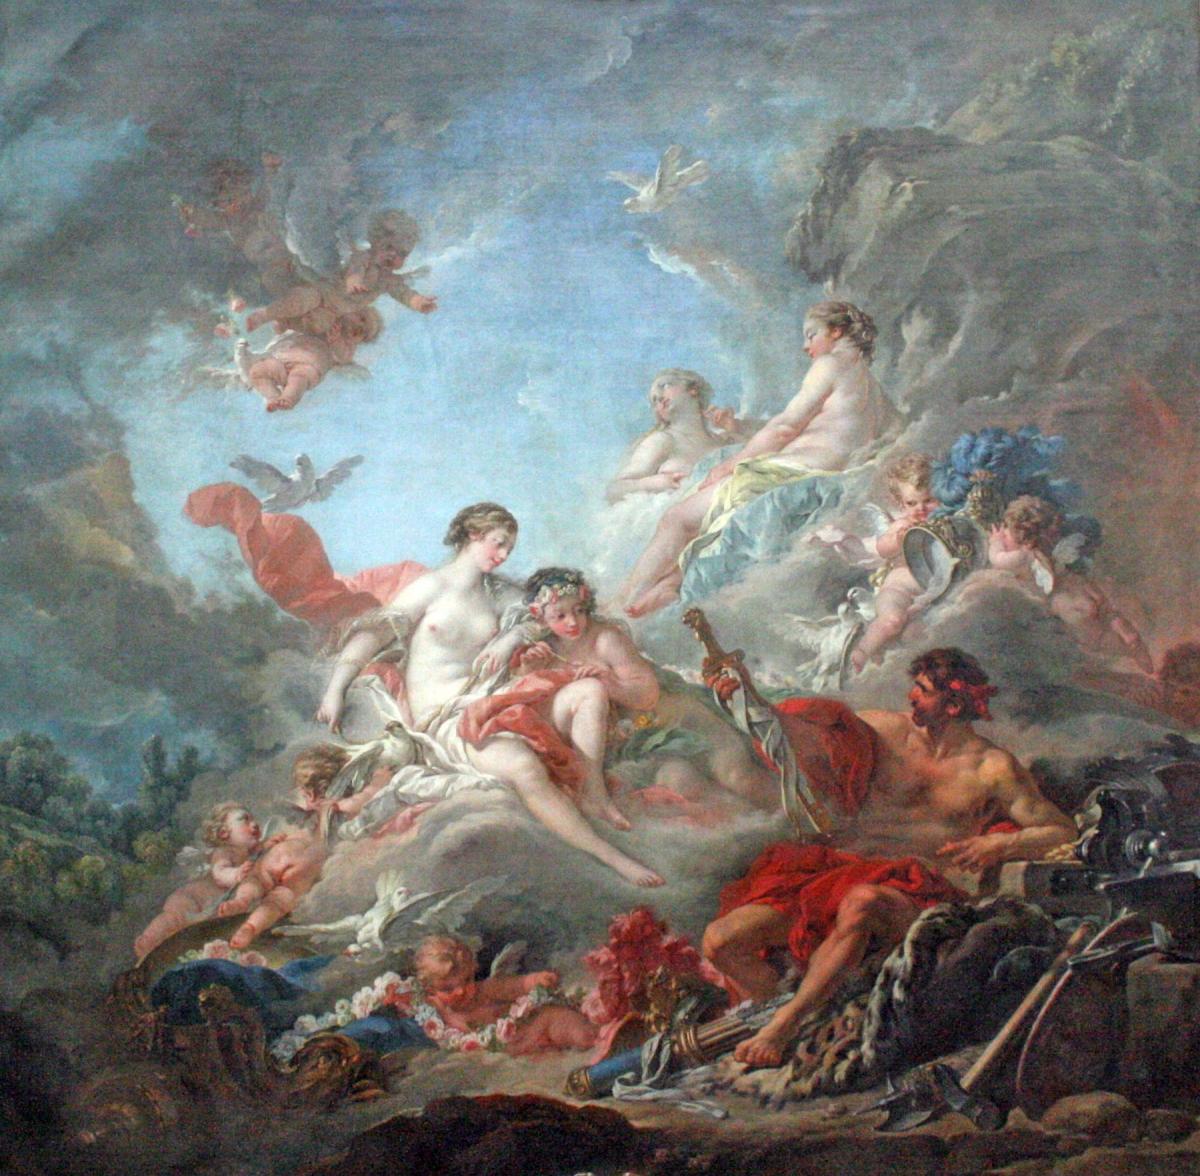 Les Forges de Vulcain par François Boucher (1757)